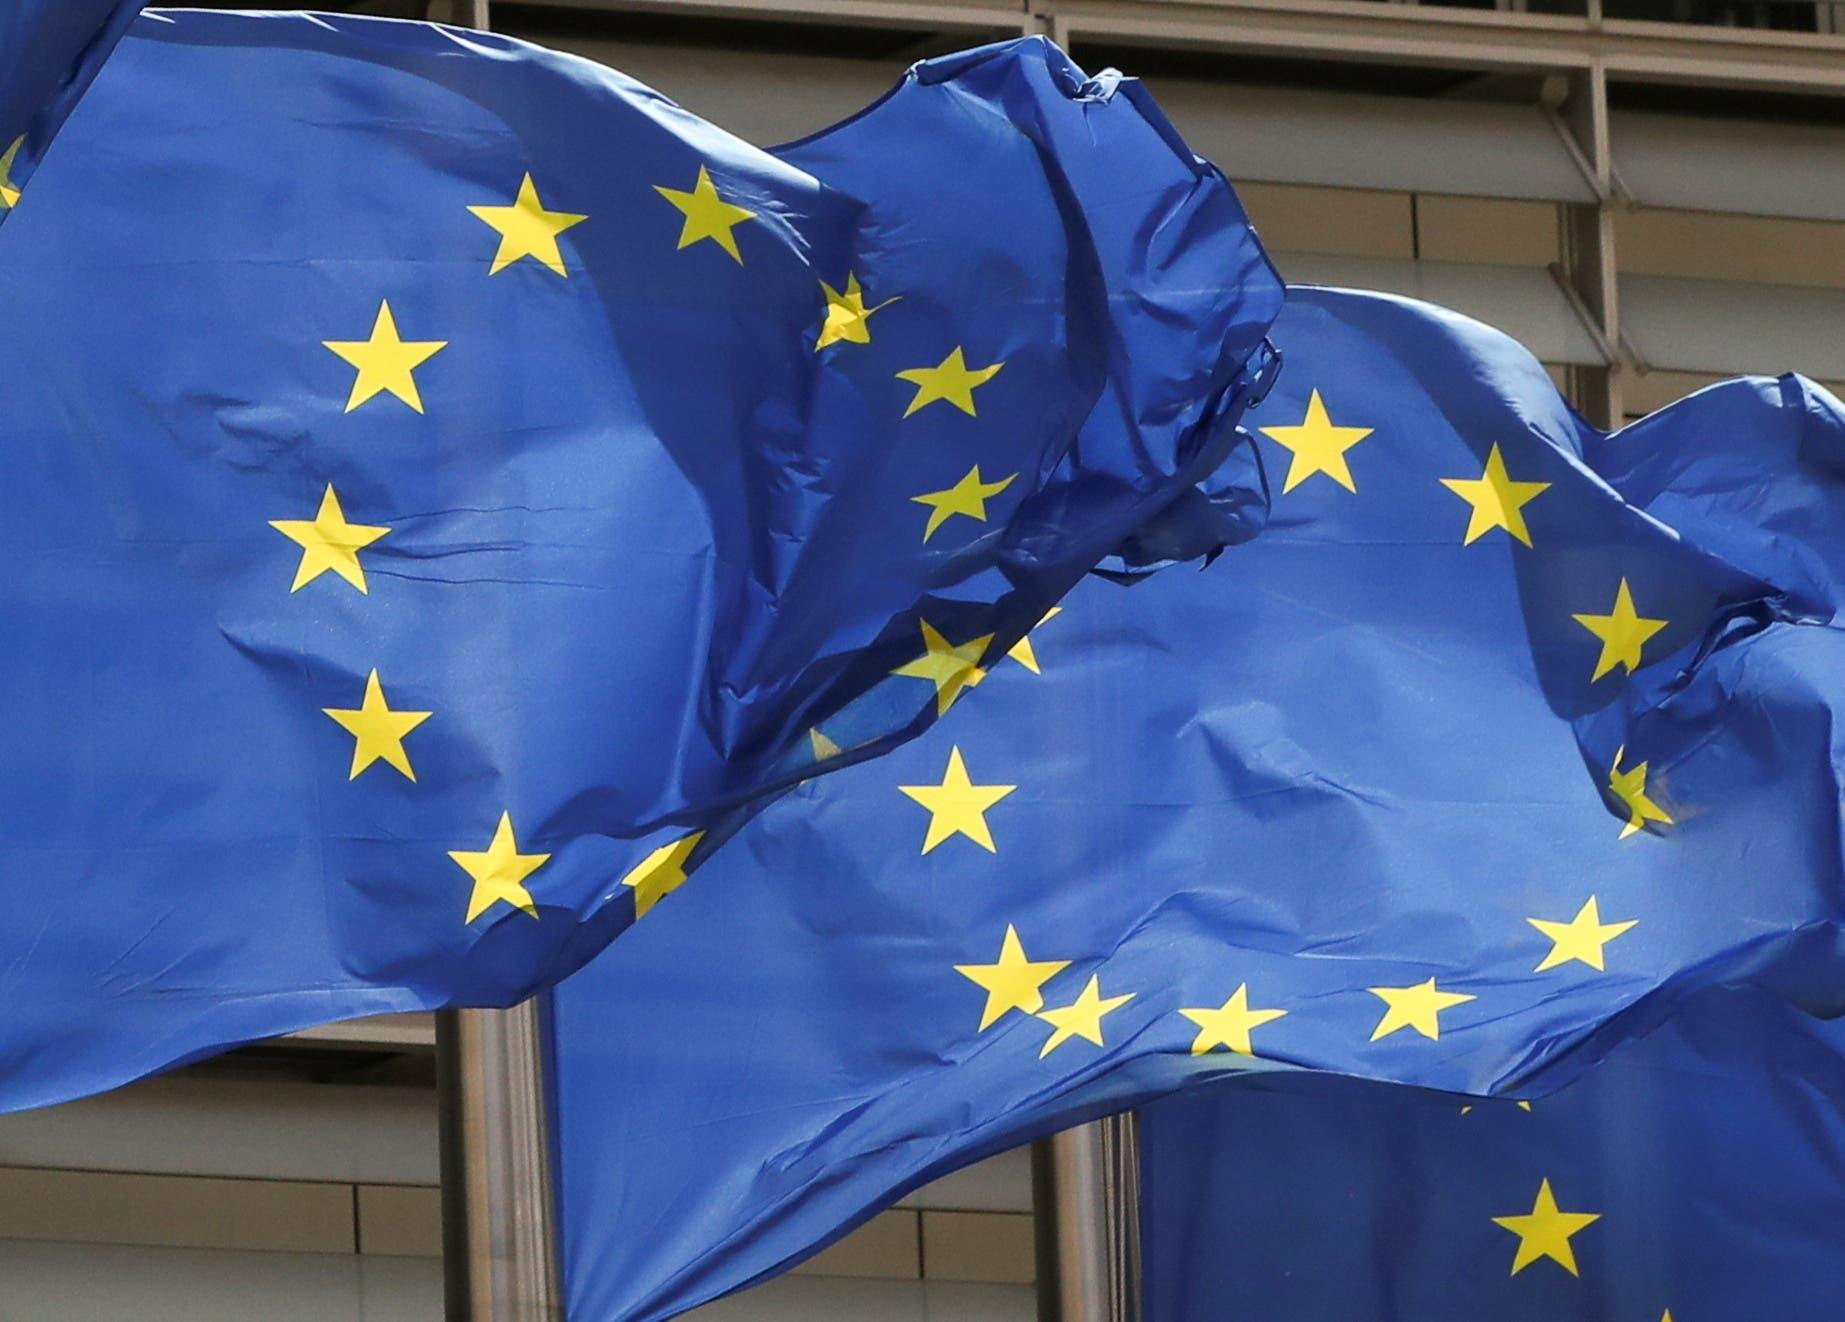 أعلام المفوضية الأوروبية